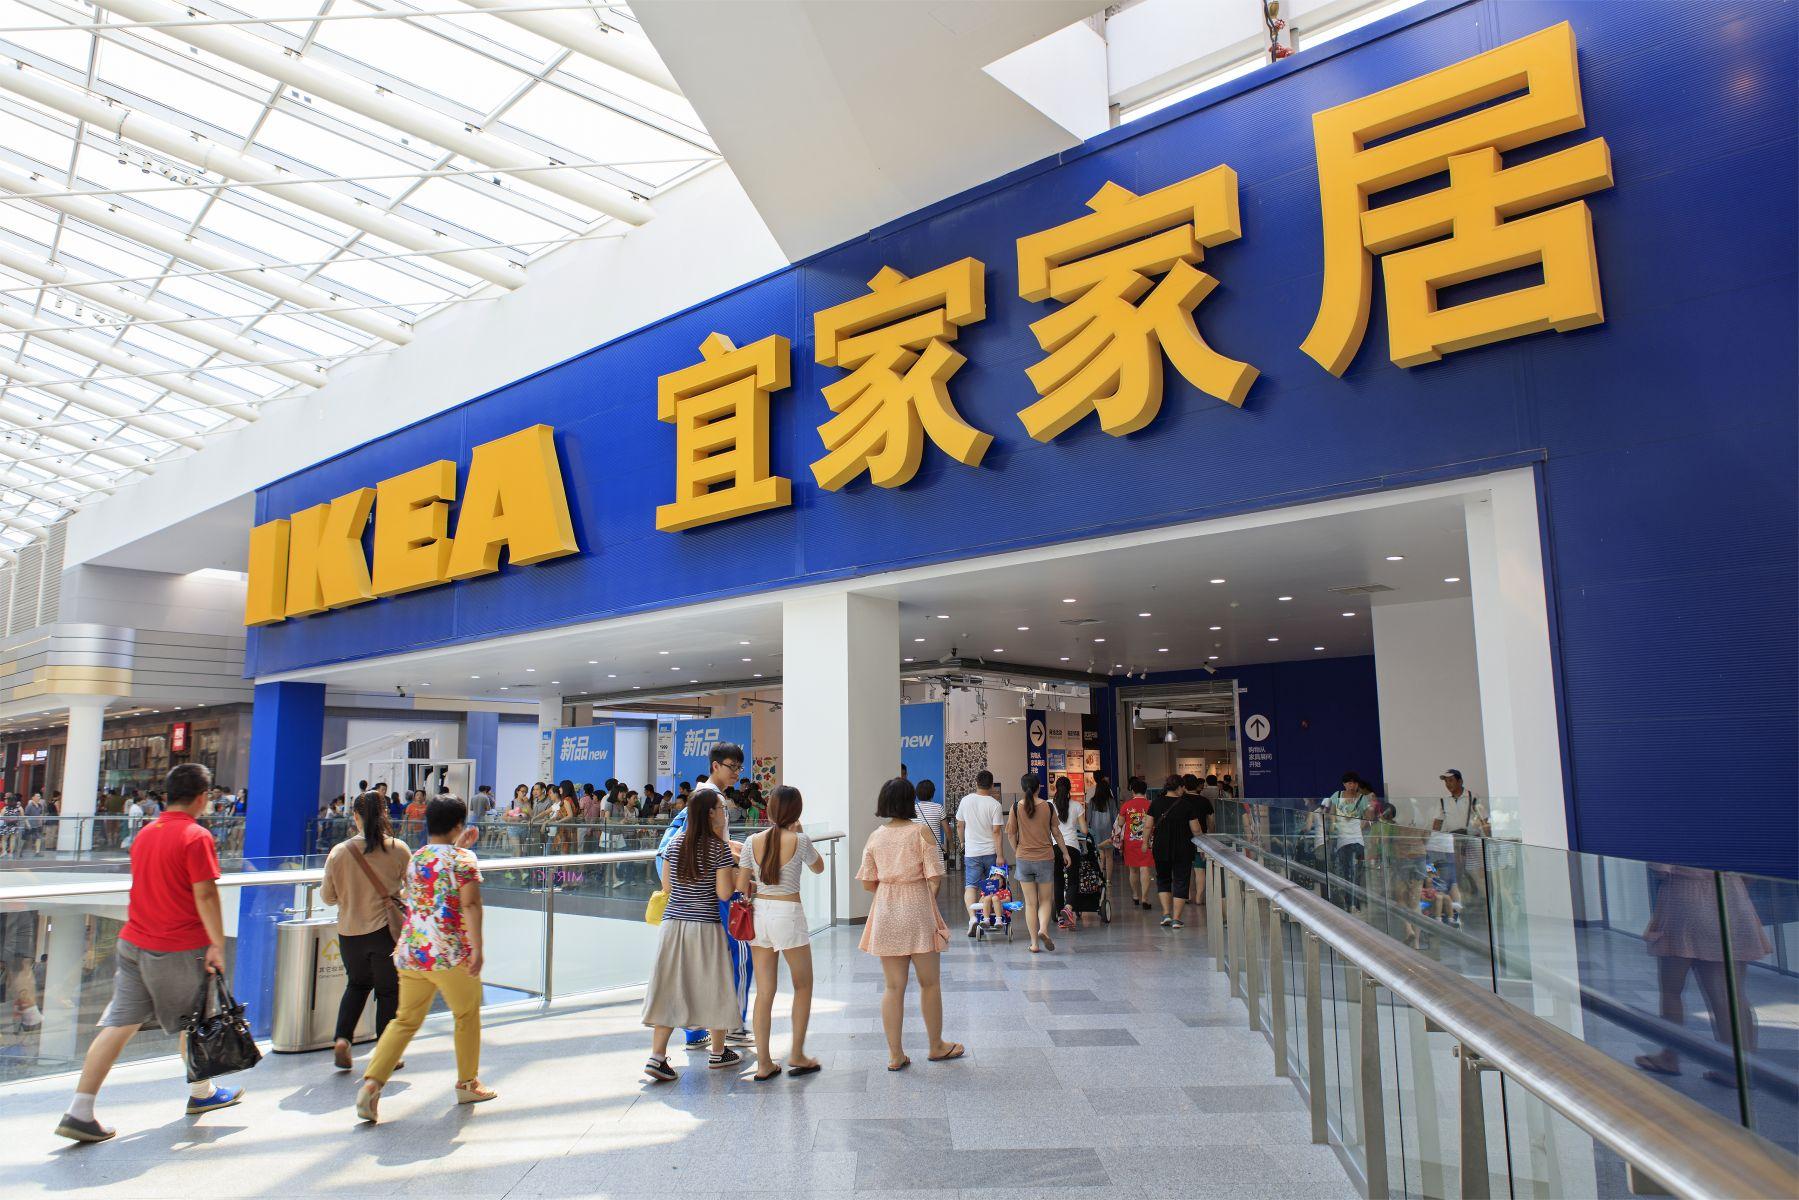 中國網友揚言抵制IKEA 但8成商品卻是中國製造